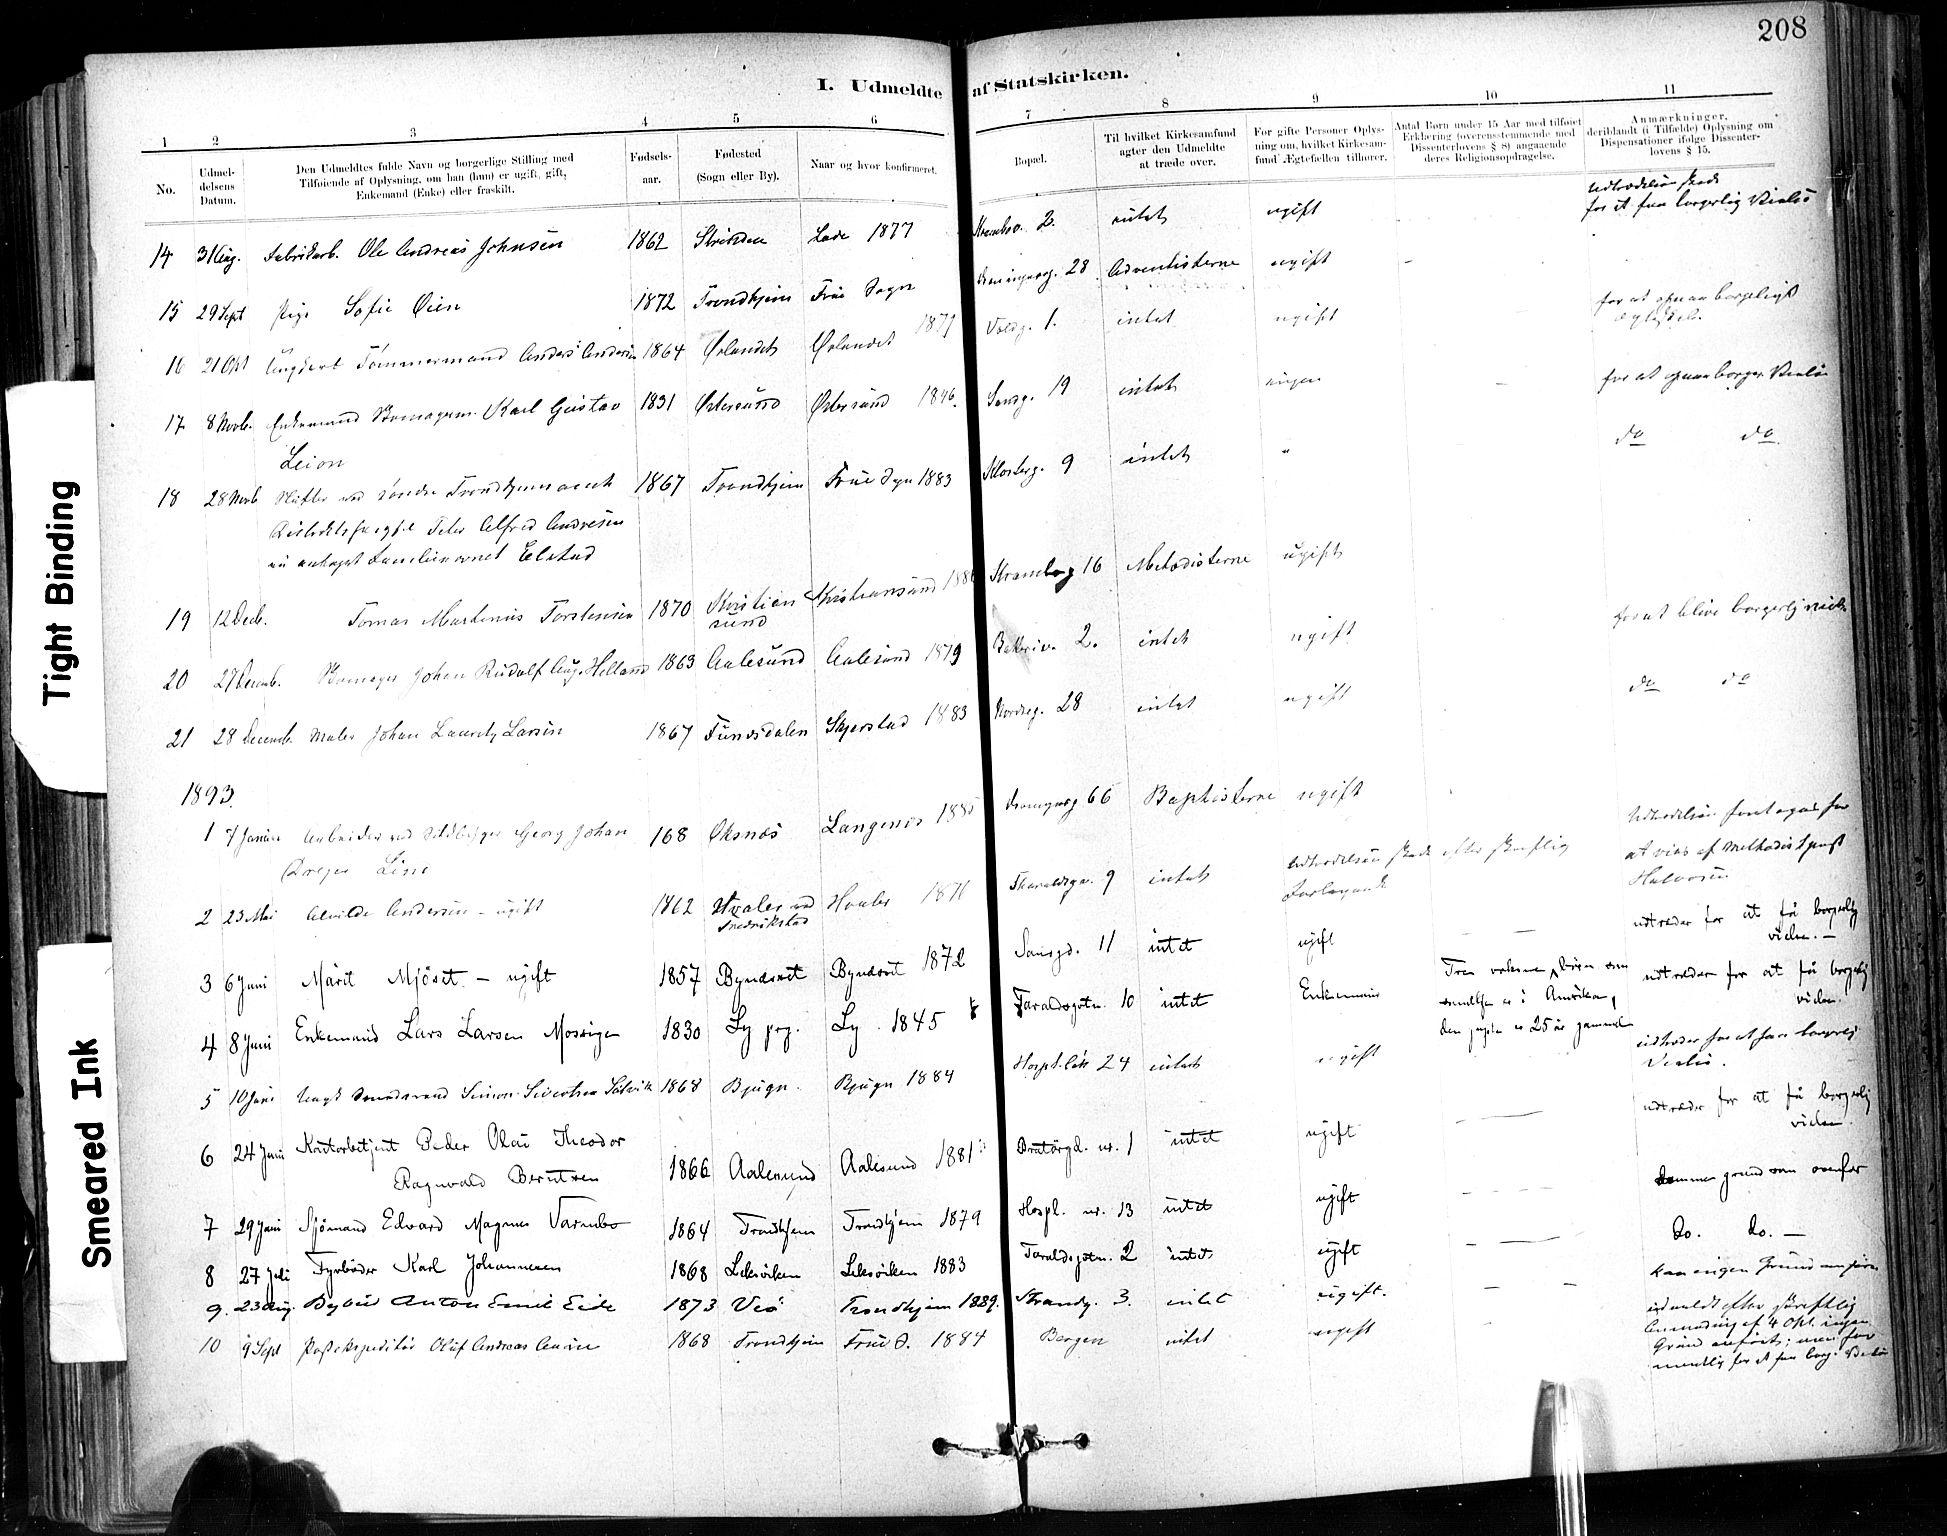 SAT, Ministerialprotokoller, klokkerbøker og fødselsregistre - Sør-Trøndelag, 602/L0120: Ministerialbok nr. 602A18, 1880-1913, s. 208